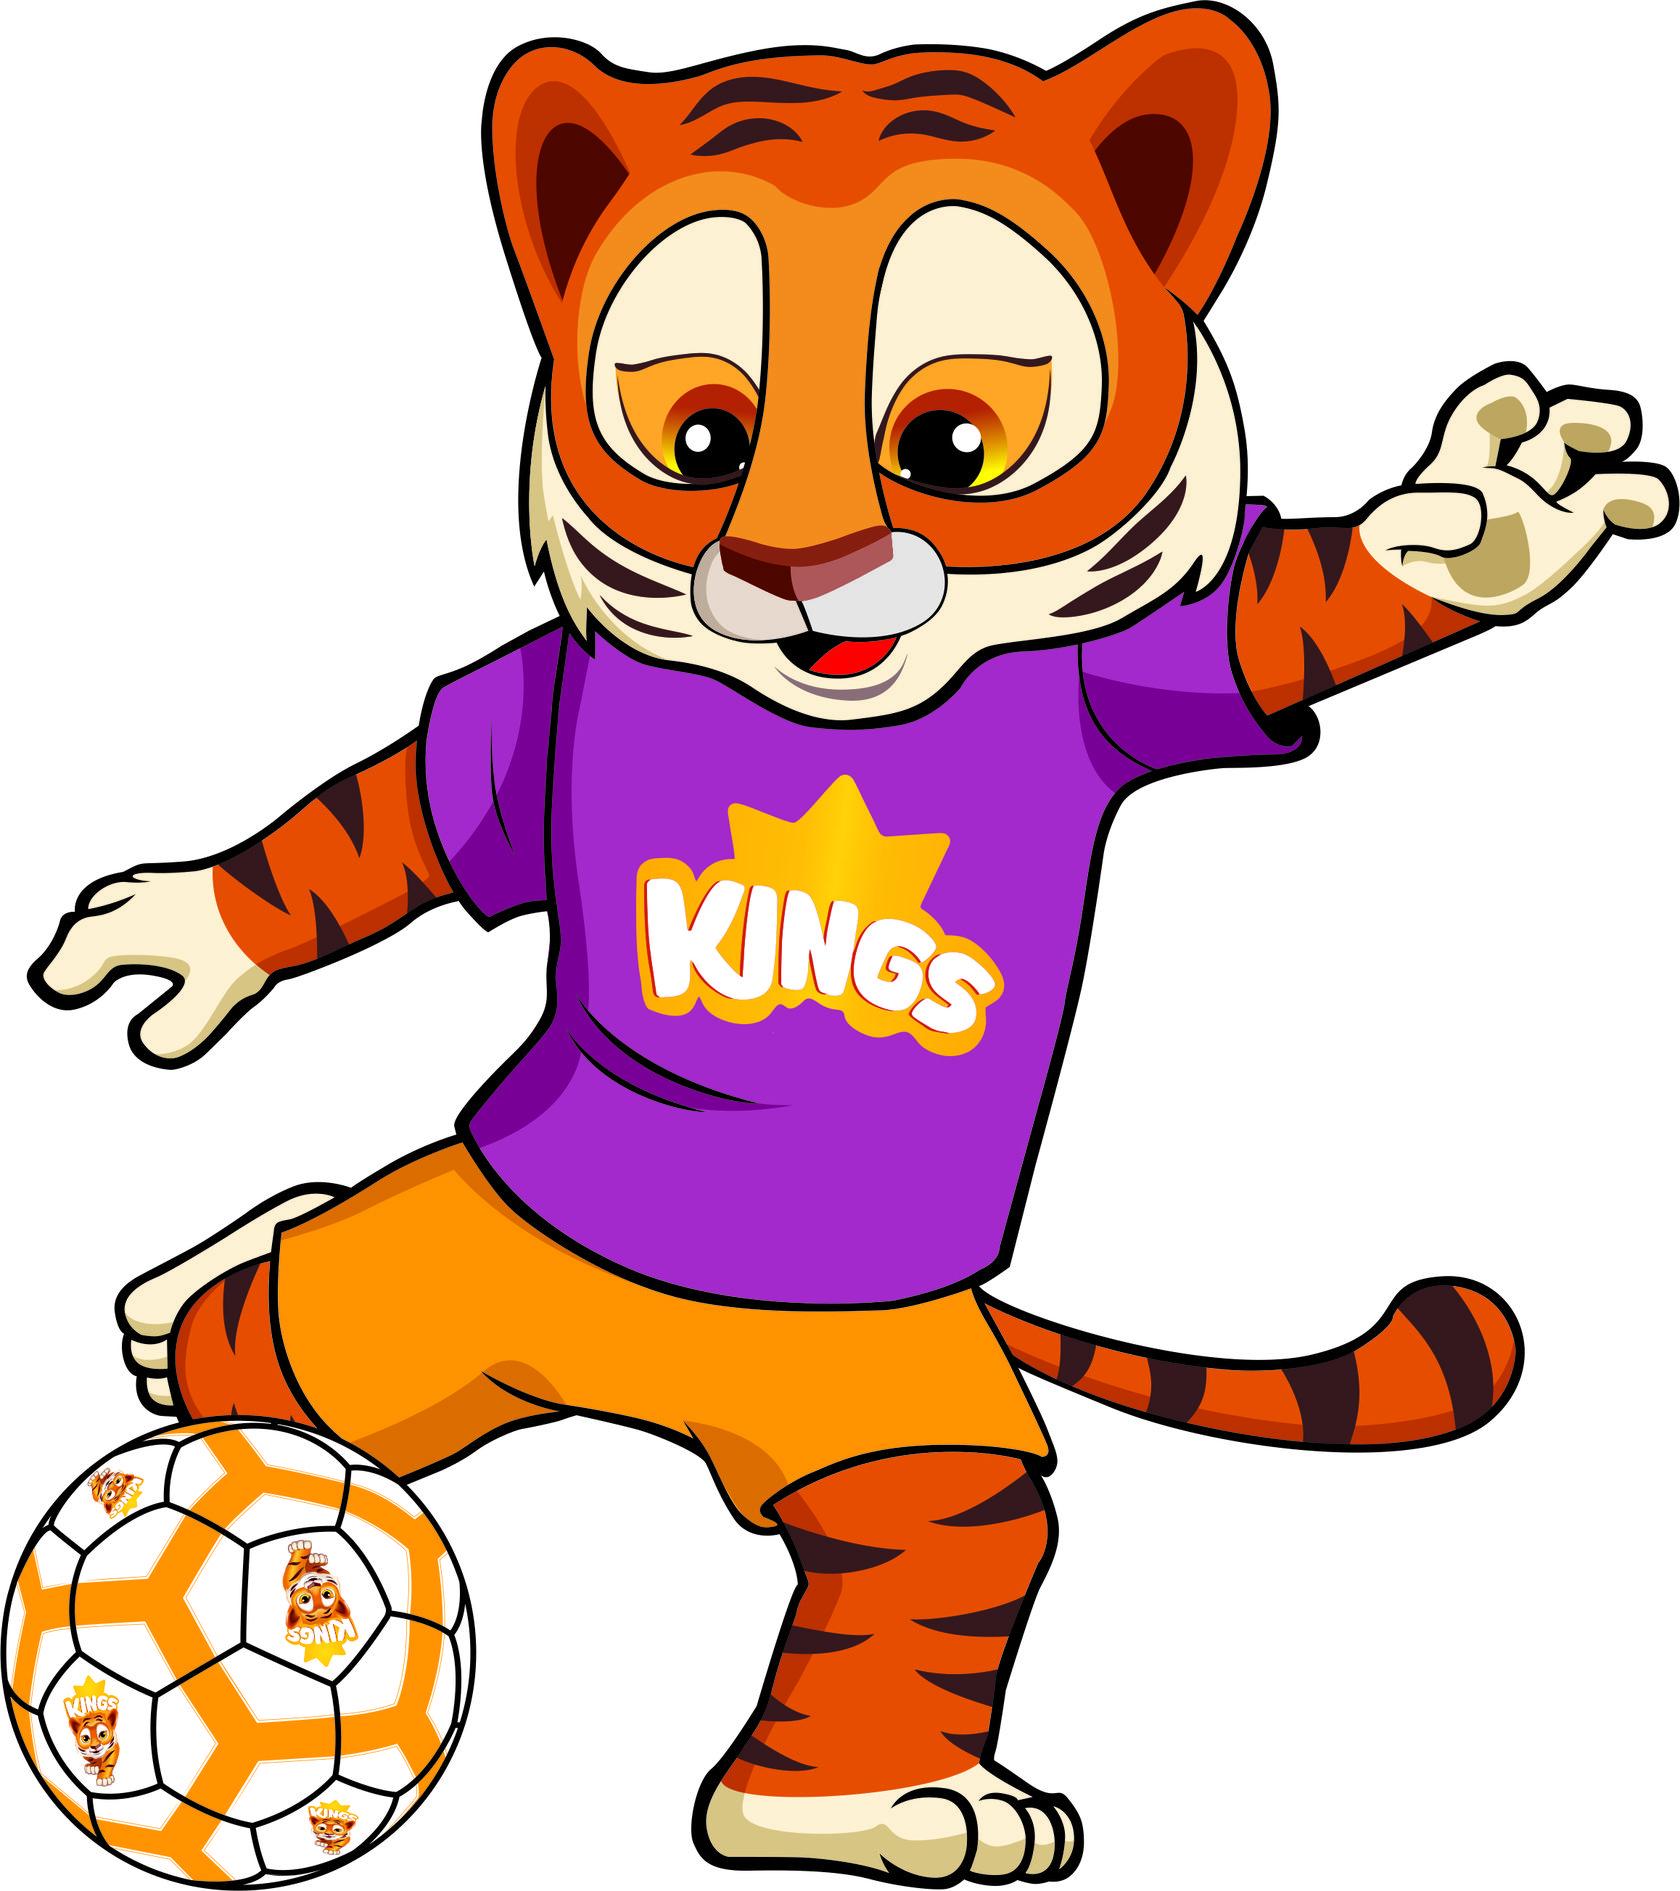 футбольный клуб детский москва кингс